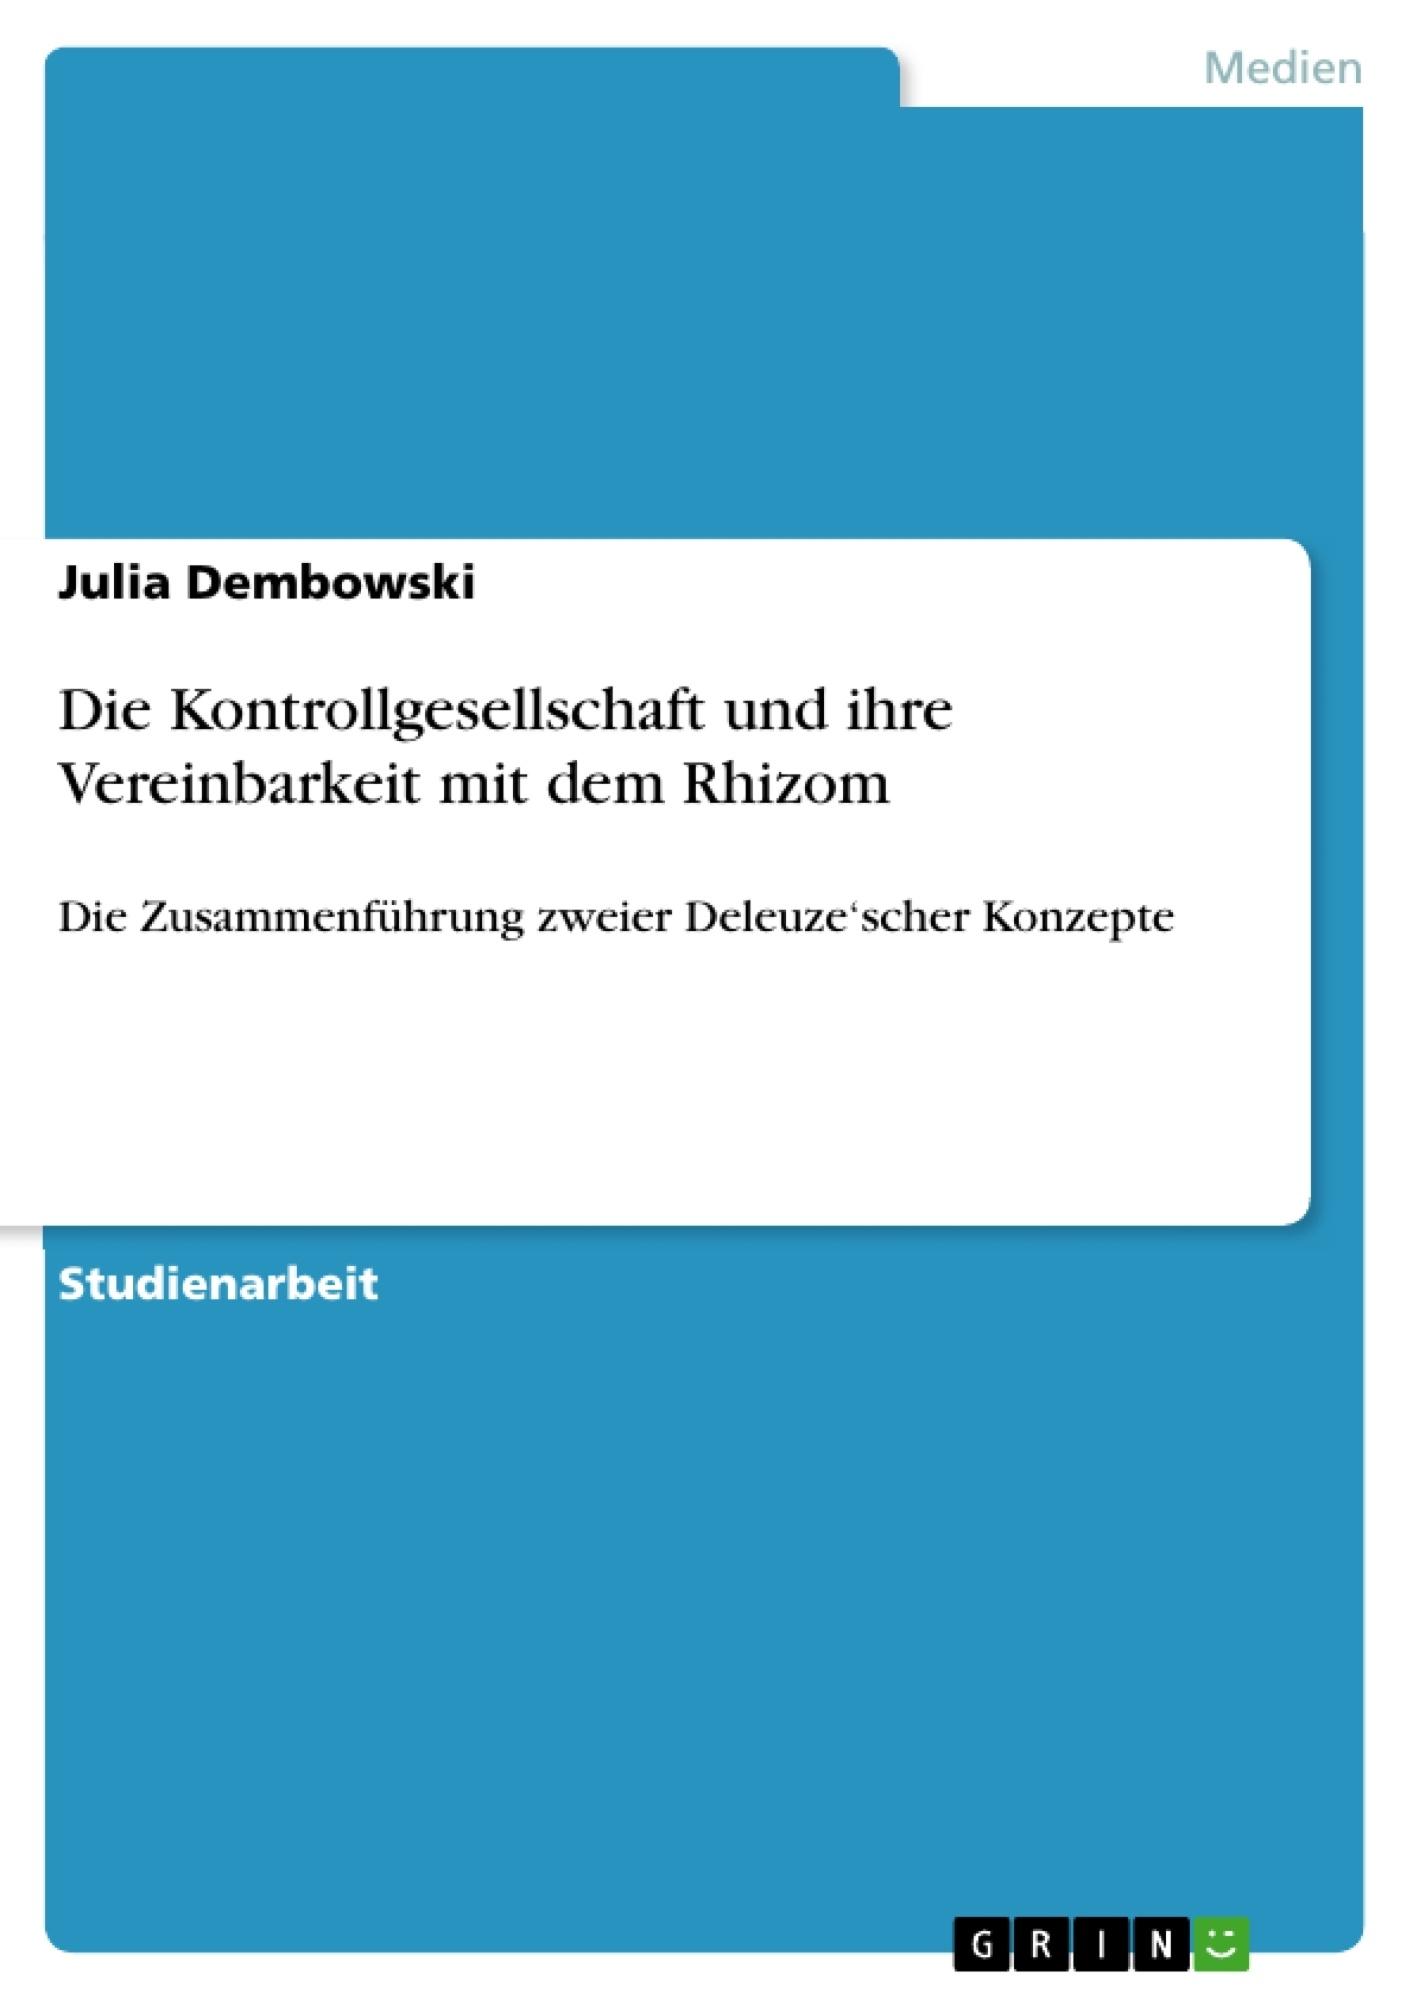 Titel: Die Kontrollgesellschaft und ihre Vereinbarkeit mit dem Rhizom